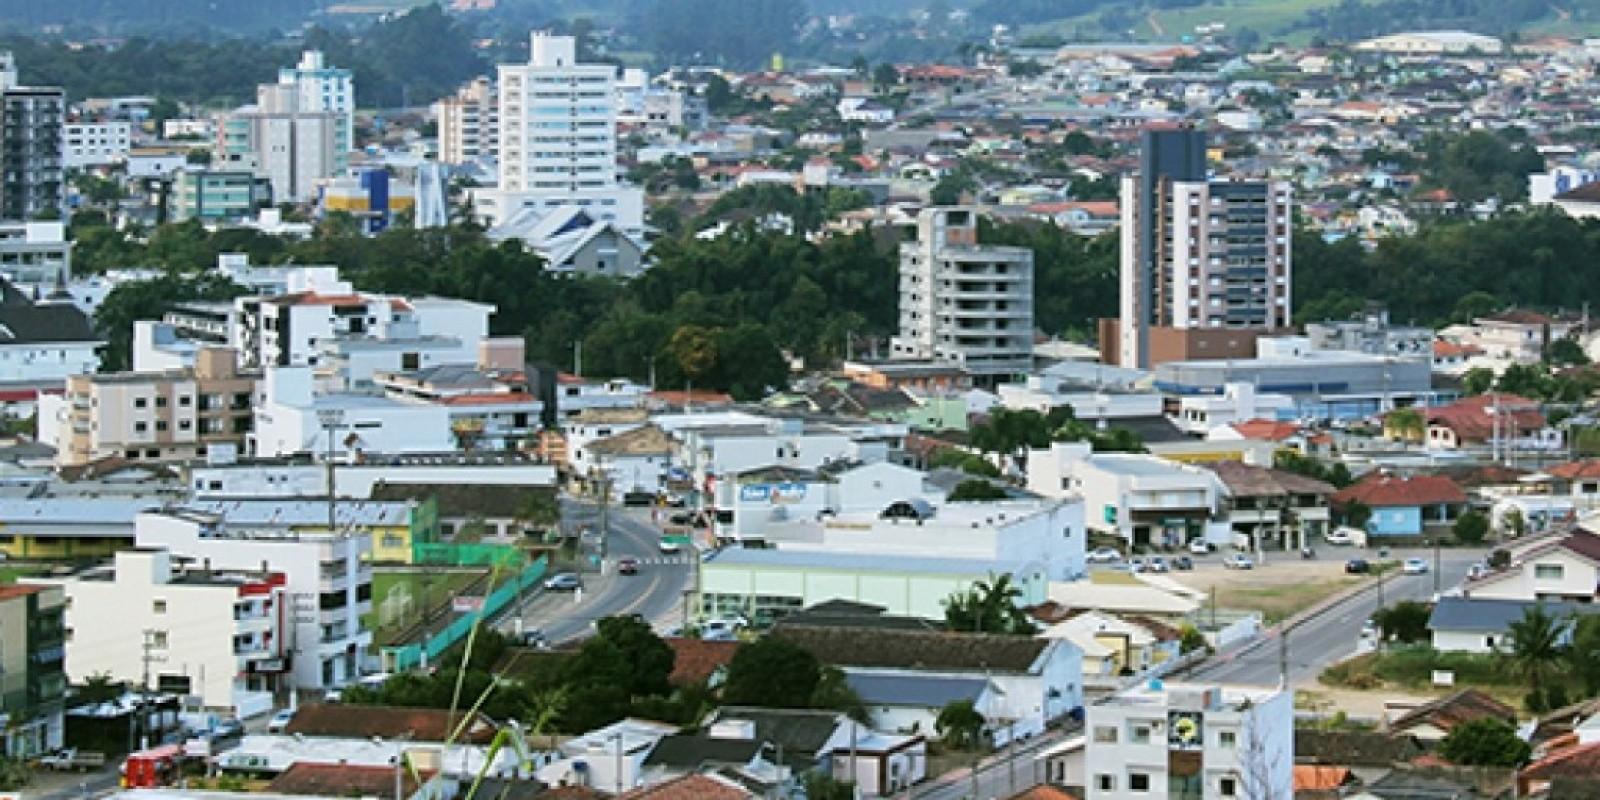 Atendimento da Tributação da Prefeitura de São Ludgero sem fechar ao meio dia